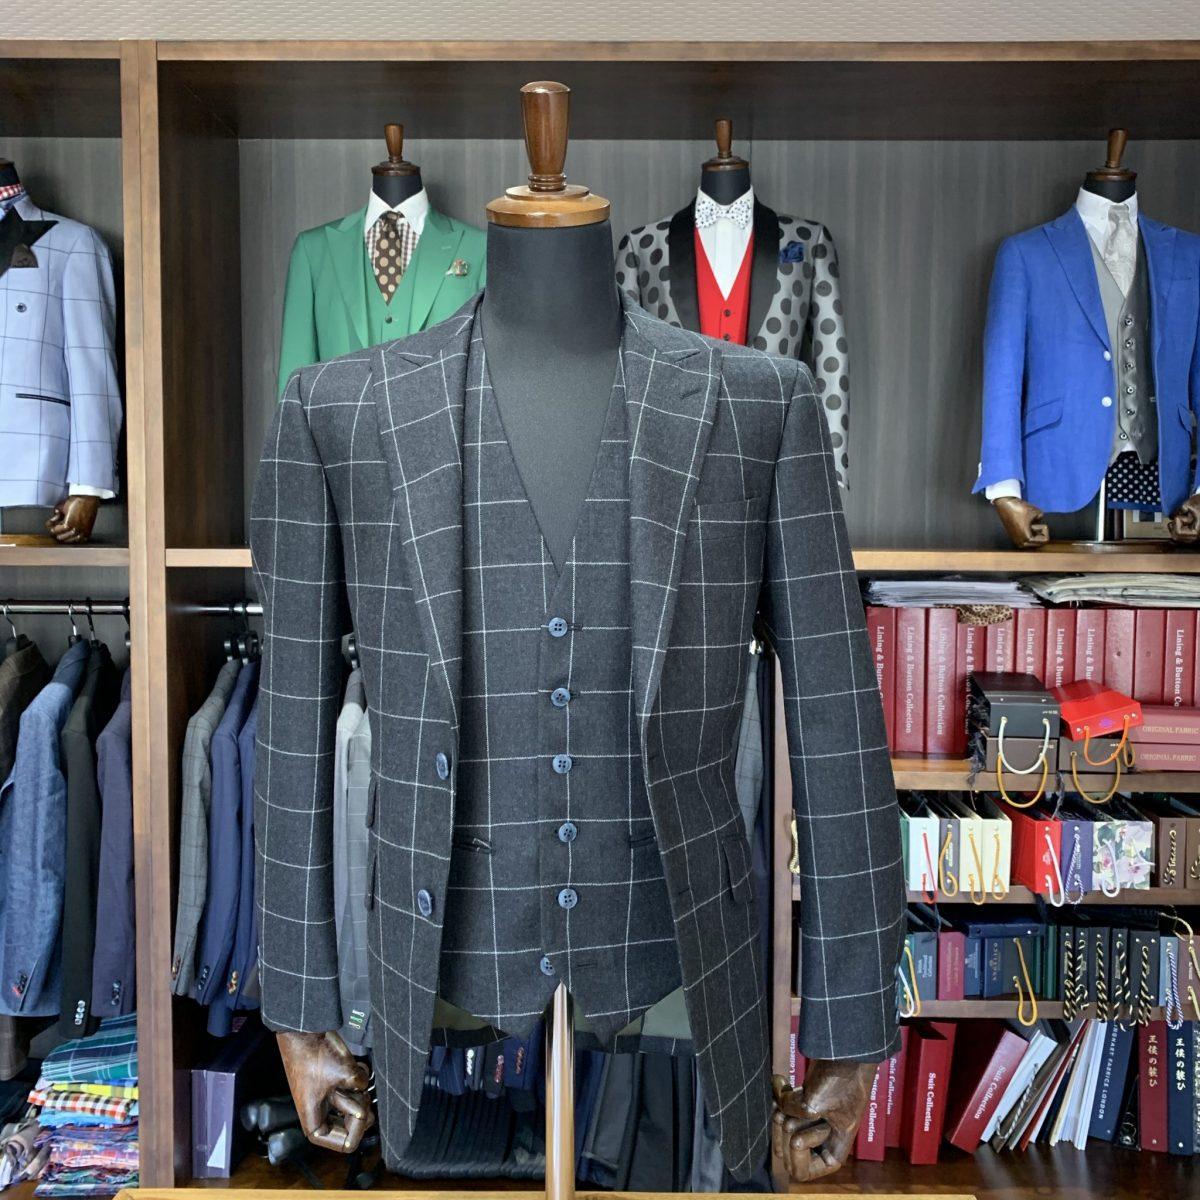 滋賀県甲賀市N様のオーダースーツを仕上げさせていただきました!